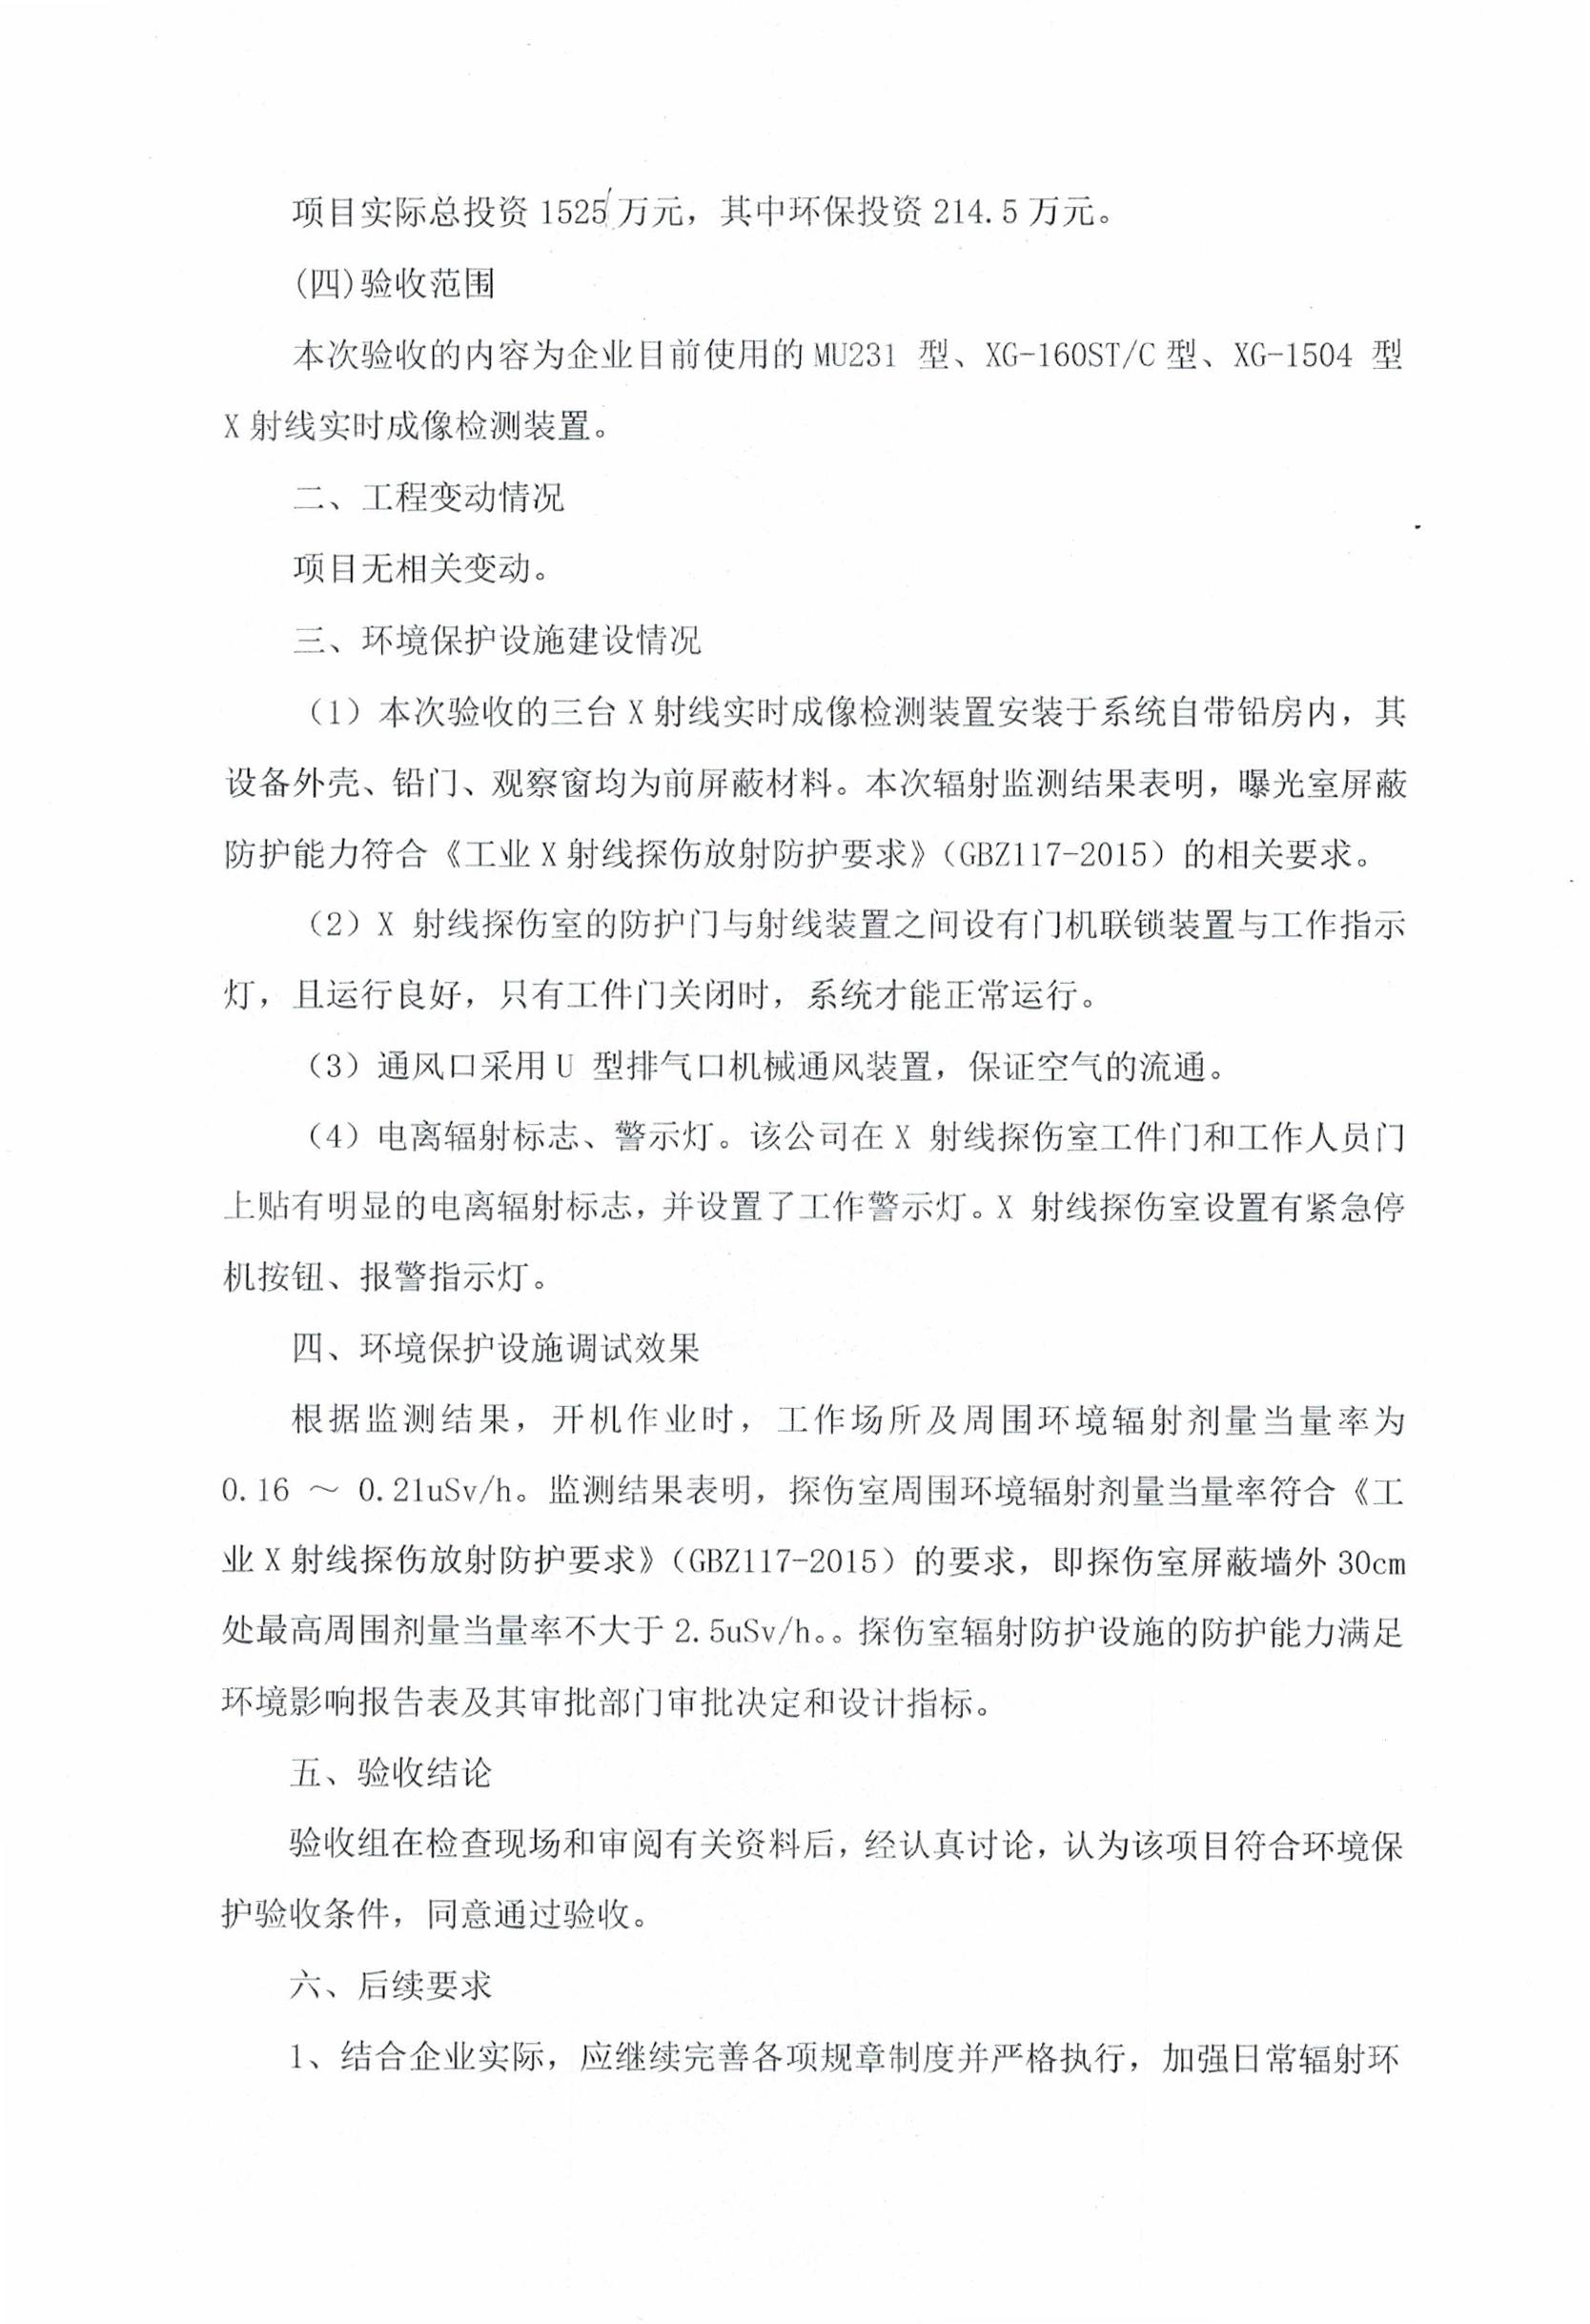 文档3-2.jpg